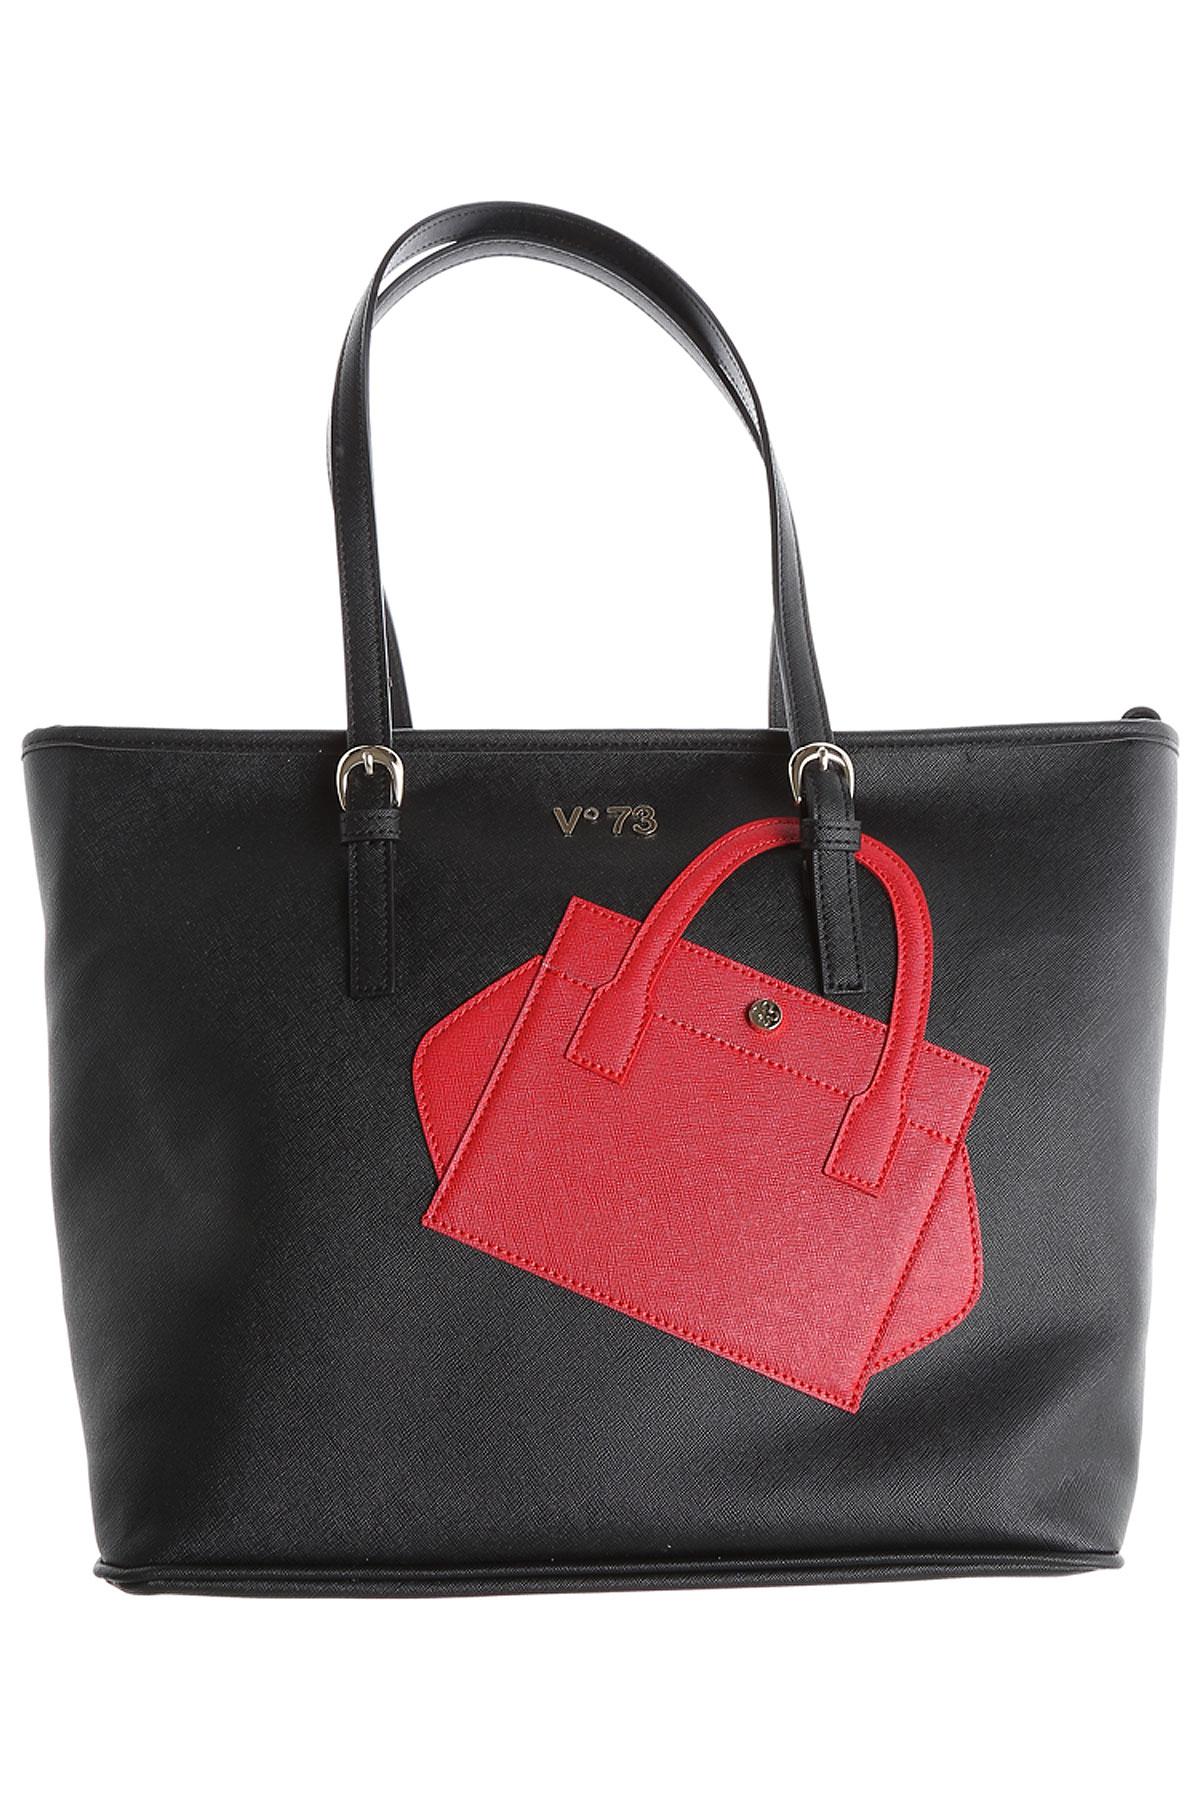 Image of V73 Tote Bag On Sale, Black, Leather, 2017